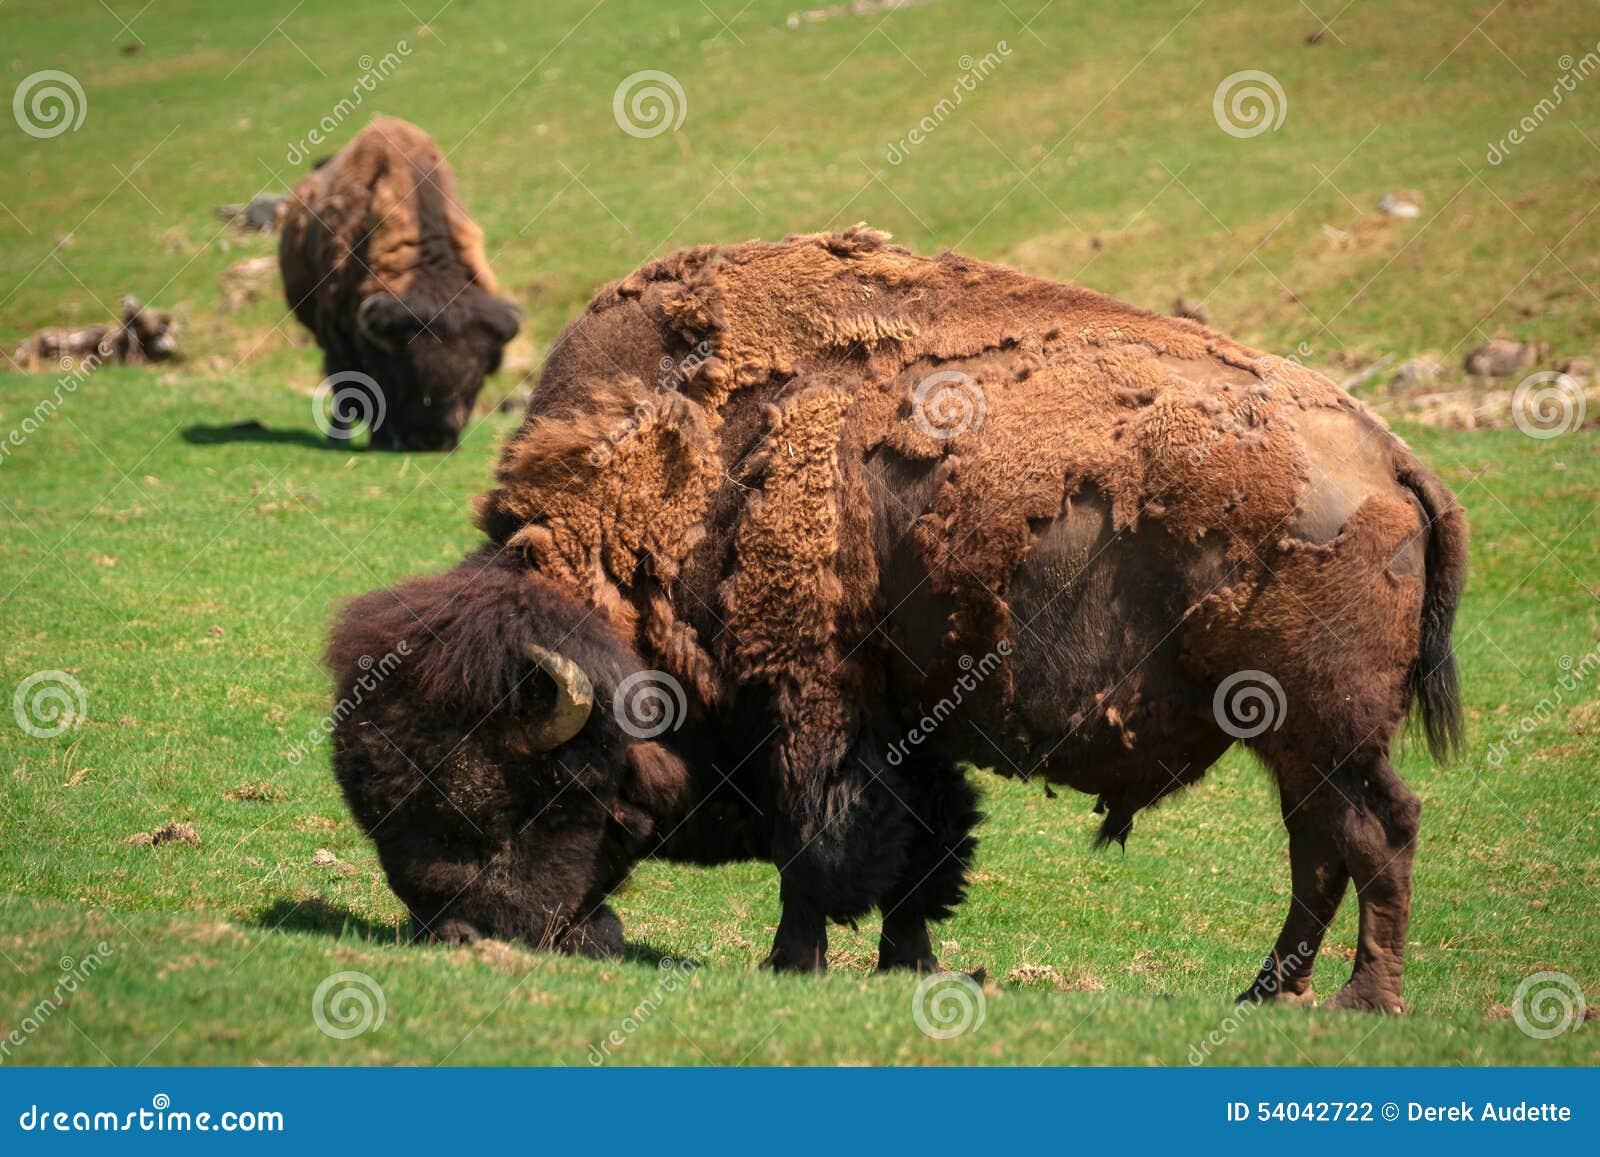 Линька бизона (американского буйвола) весной пася в поле